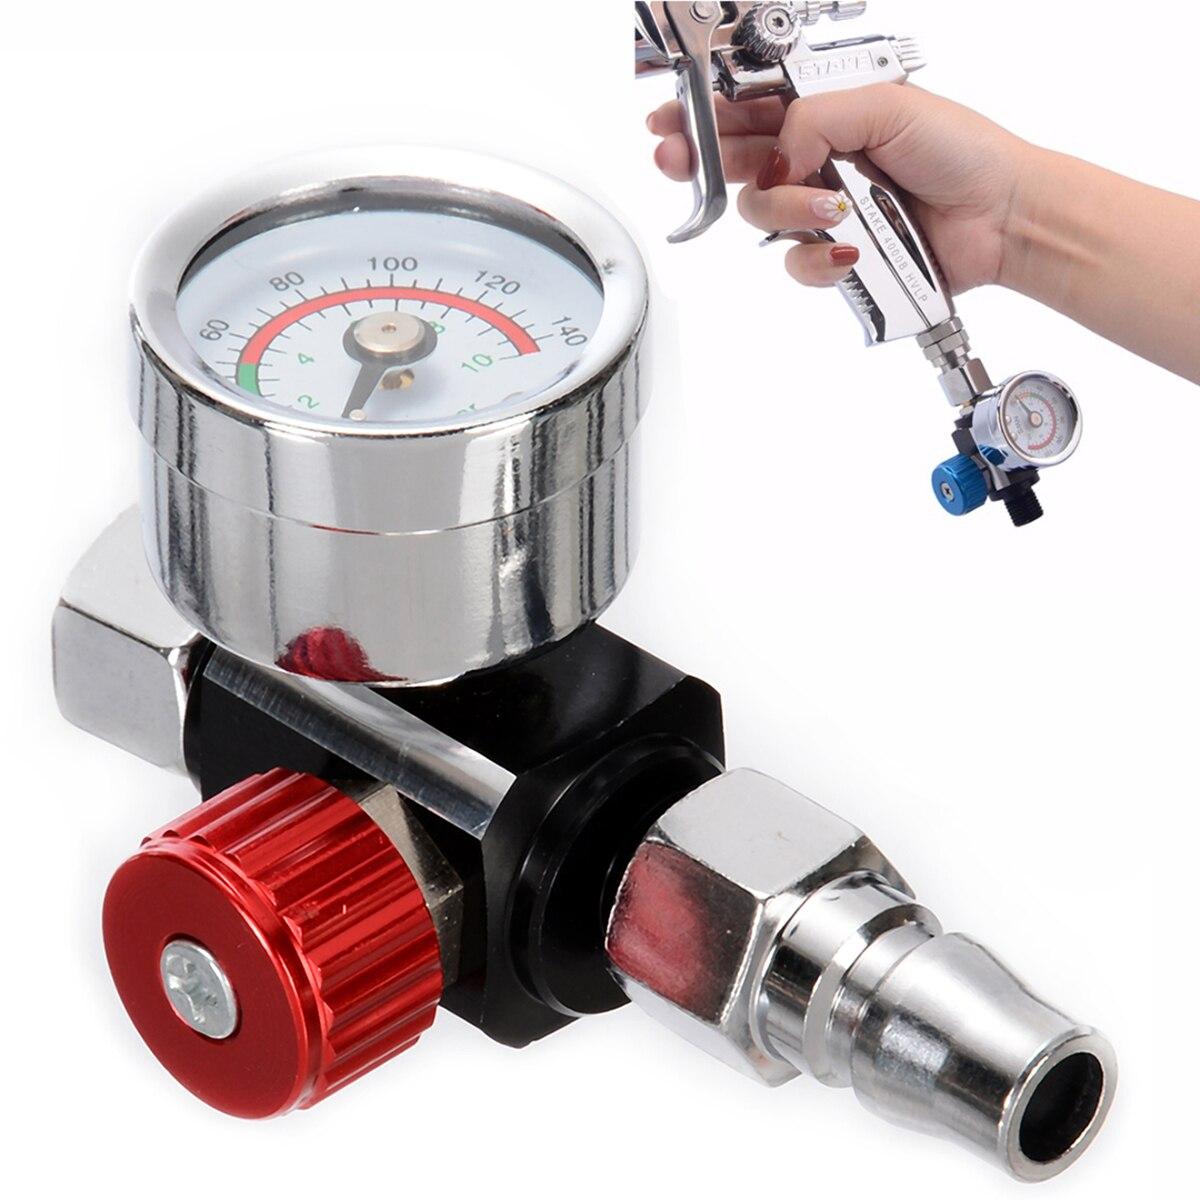 """1 Stück 1/4 """"bsp Mini Luft Regler Ventil Werkzeug Langlebig Kleinen Schwanz Manometer 48*60mm Mit Düse Für Spray Gun Mayitr Direktverkaufspreis"""